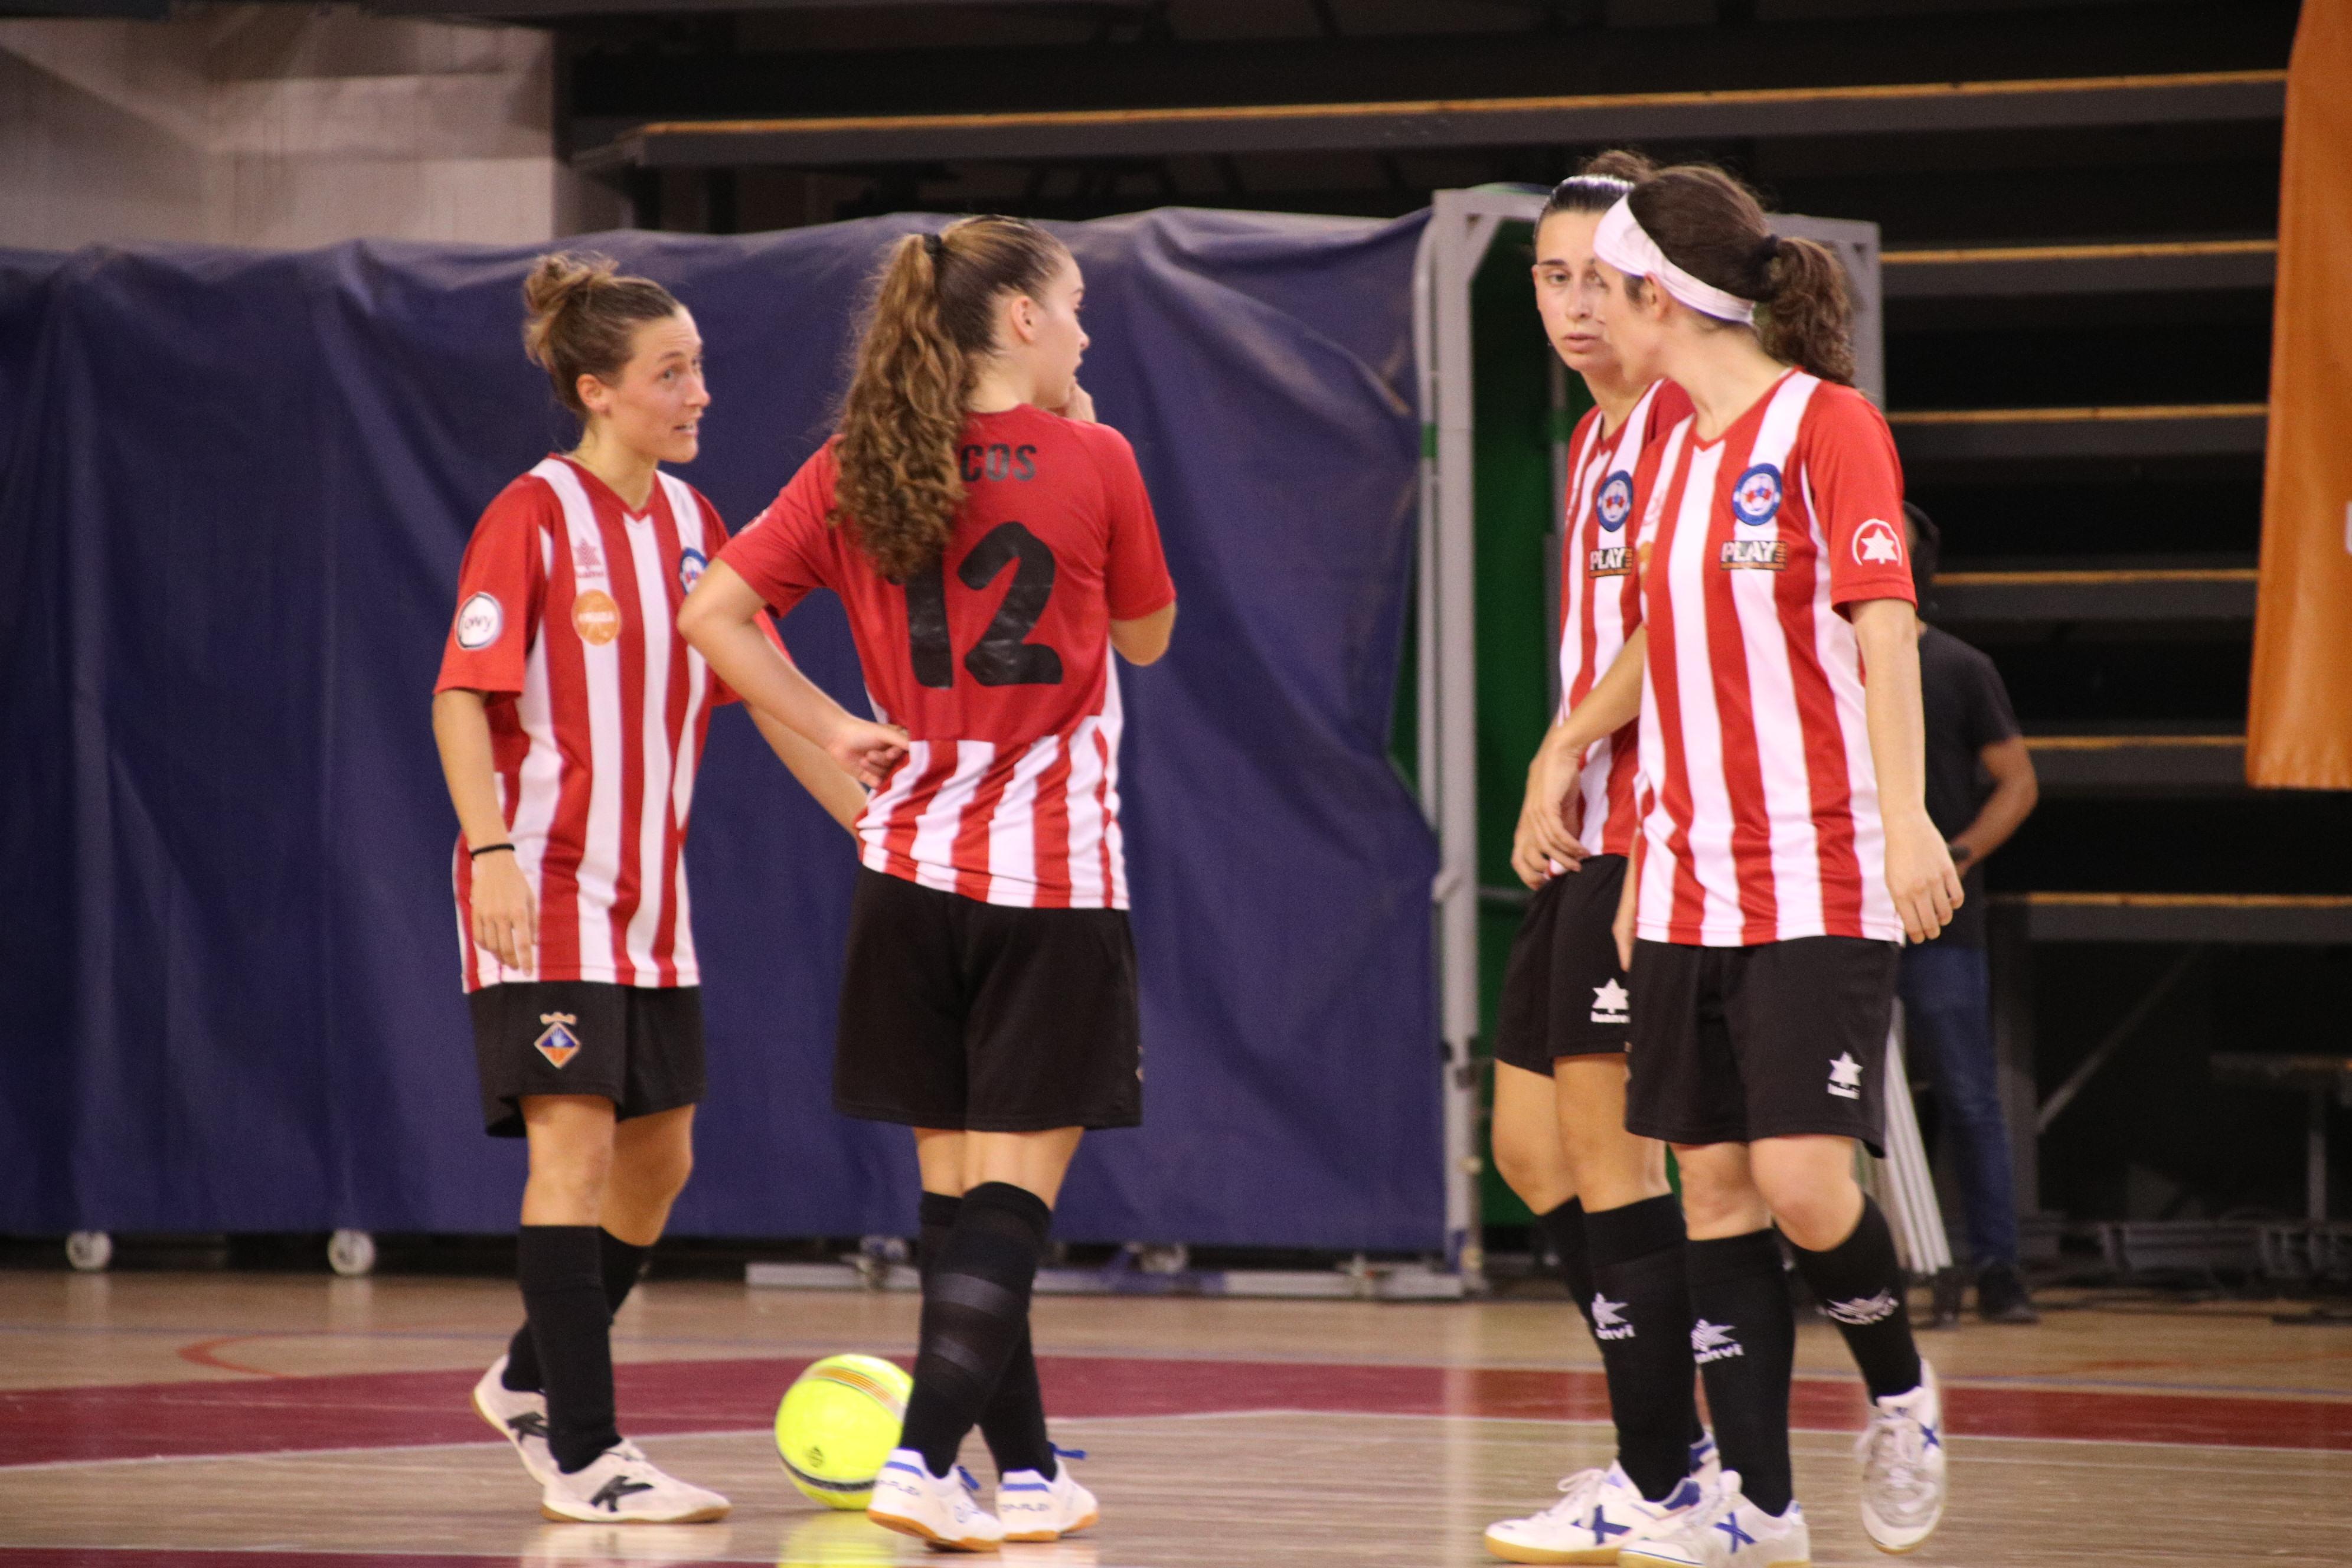 Crònica Sènior Femení A contra UA || Crónica Sénior Femenino A contra UA